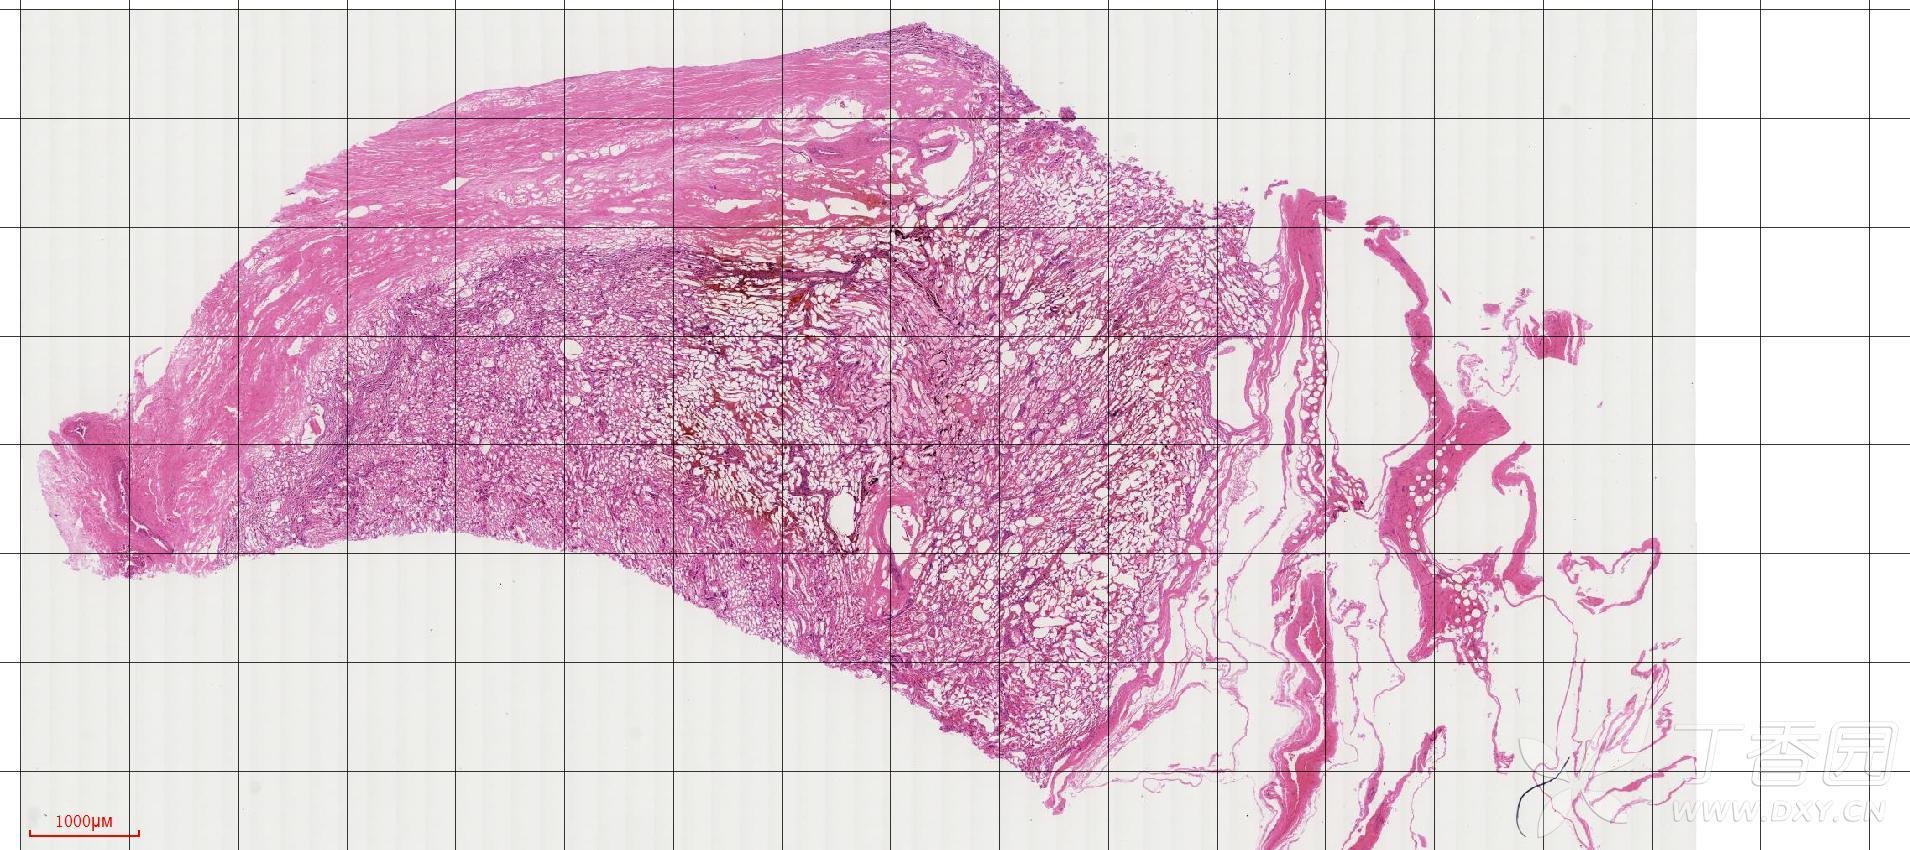 鲸肾组织切片,大佬帮忙看看这是什么结构